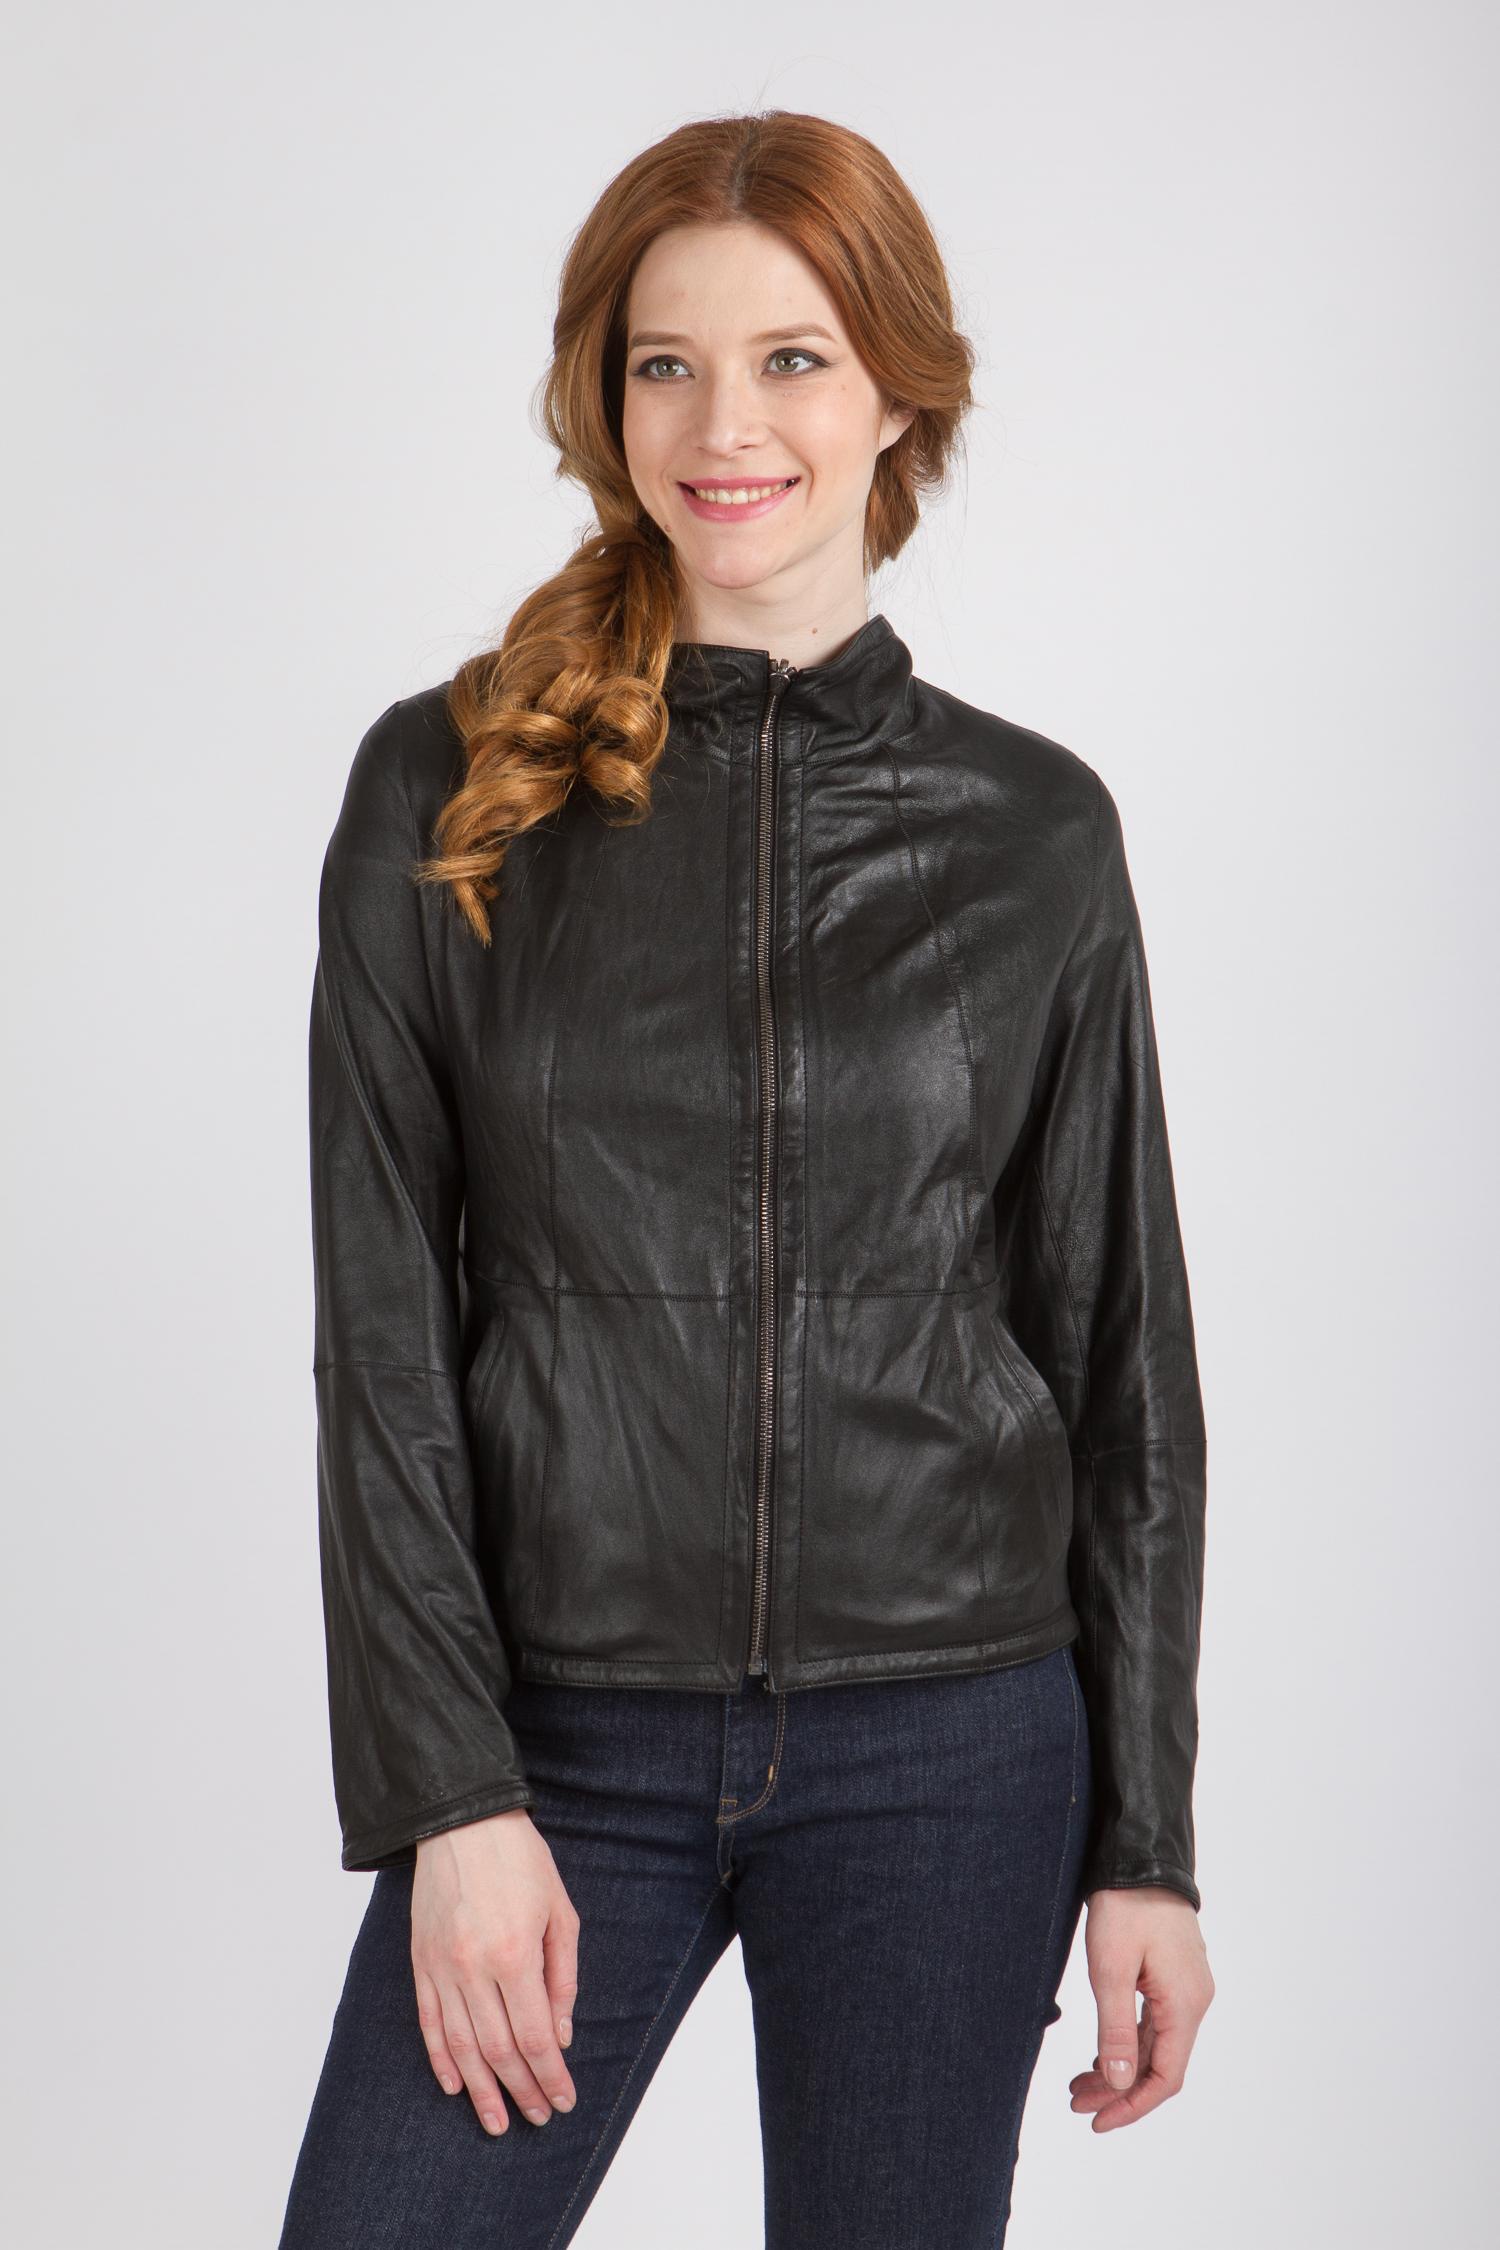 Женская кожаная куртка из натуральной кожи с воротником, без отделки<br><br>Воротник: стойка<br>Длина см: Короткая (51-74 )<br>Материал: Кожа овчина<br>Цвет: черный<br>Вид застежки: центральная<br>Застежка: на молнии<br>Пол: Женский<br>Размер RU: 52